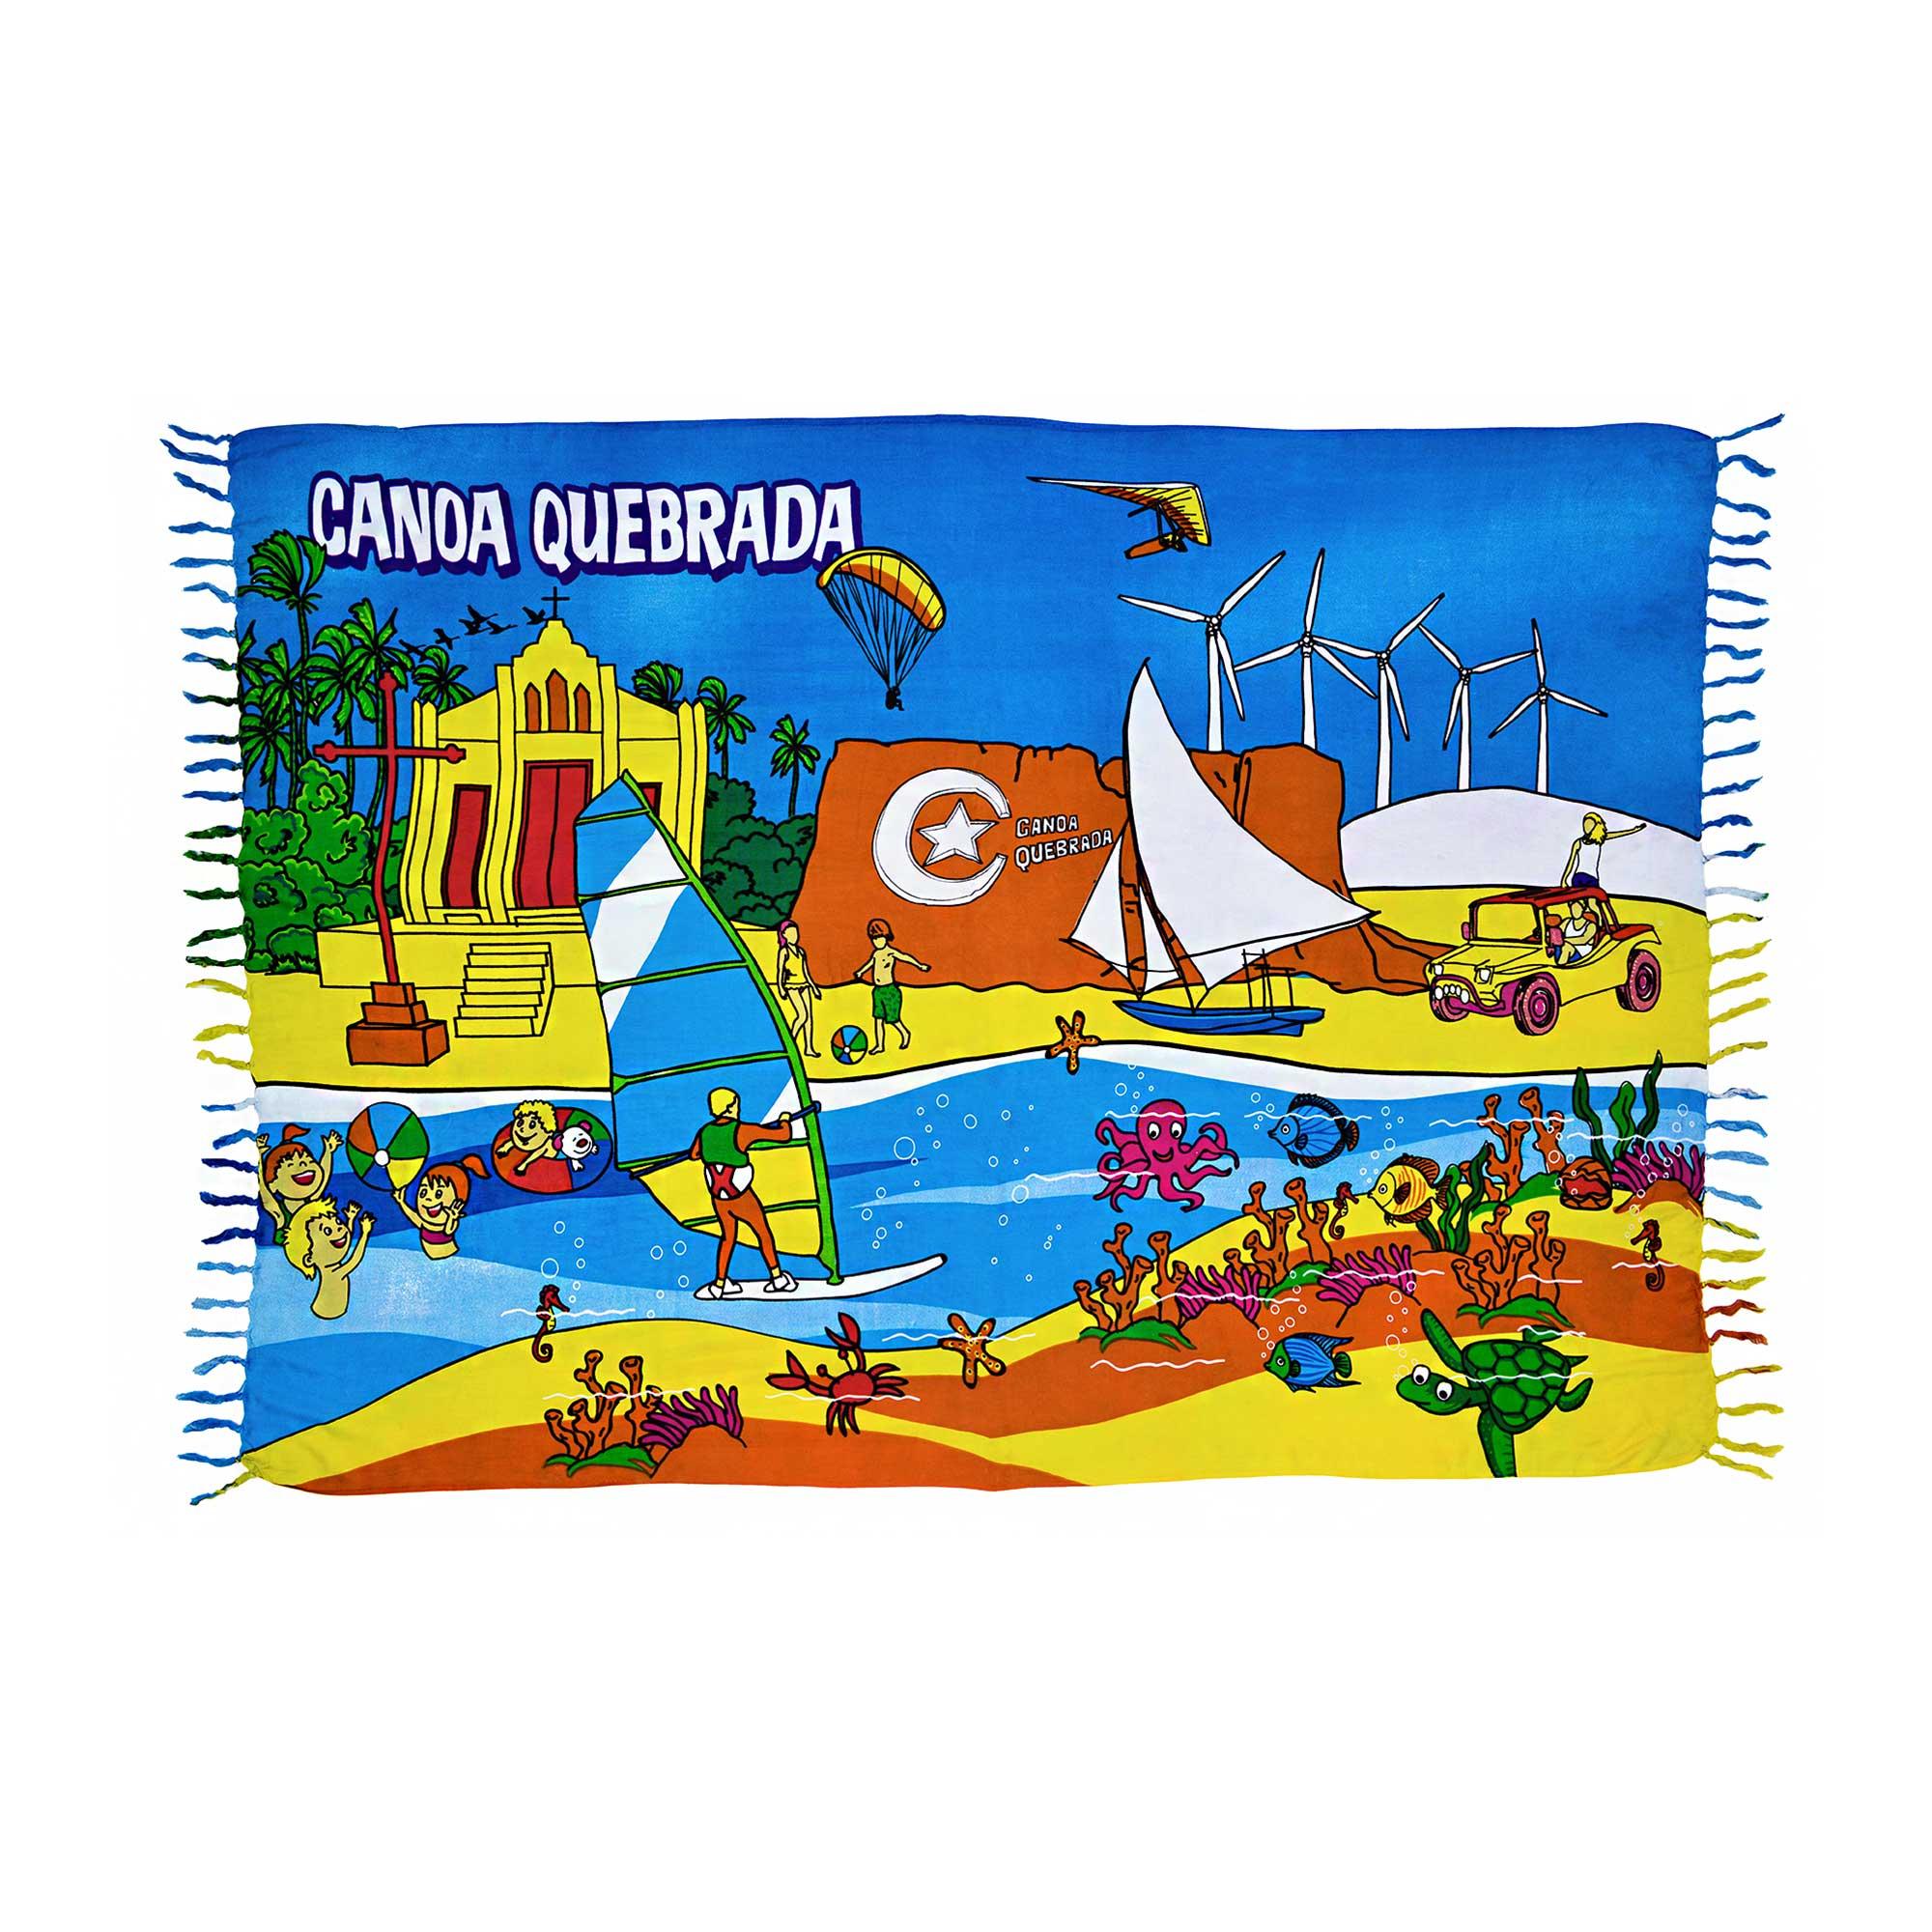 Canga Canoa Quebrada